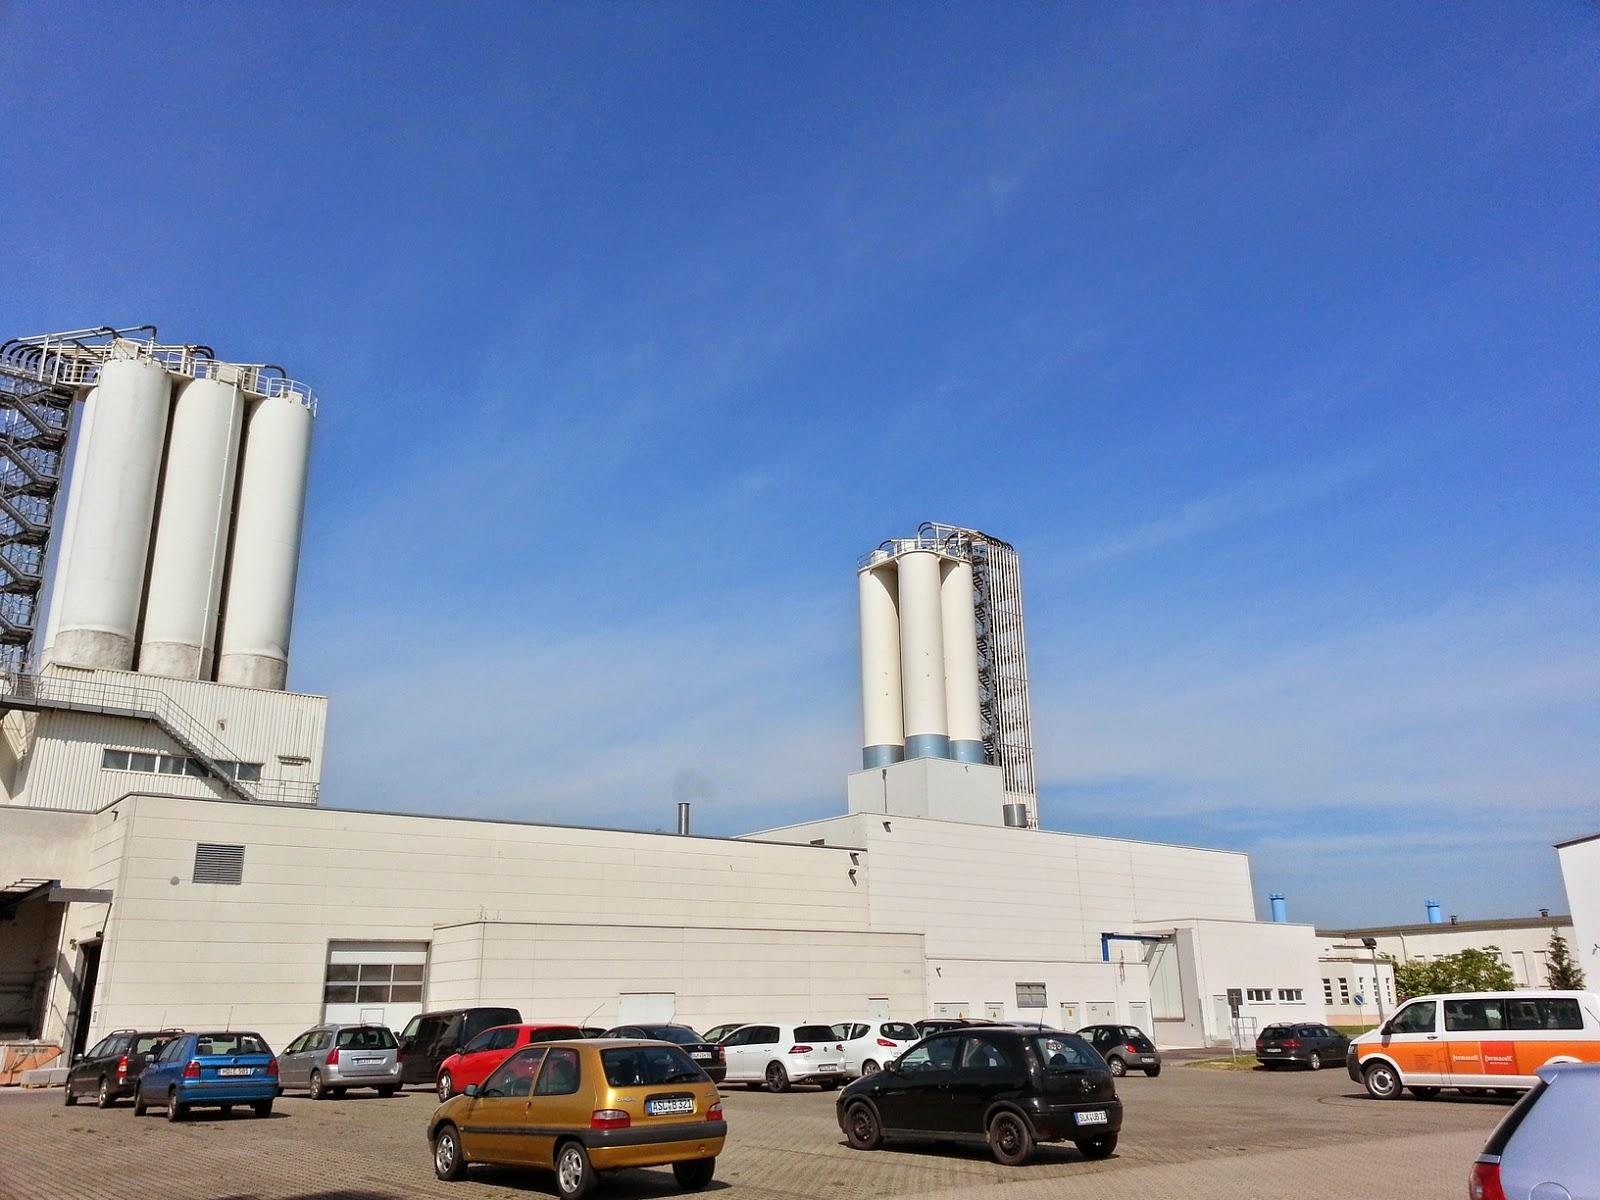 Fabryka płyt cementowo-wlóknowych Fermacell w Calbe, Niemcy